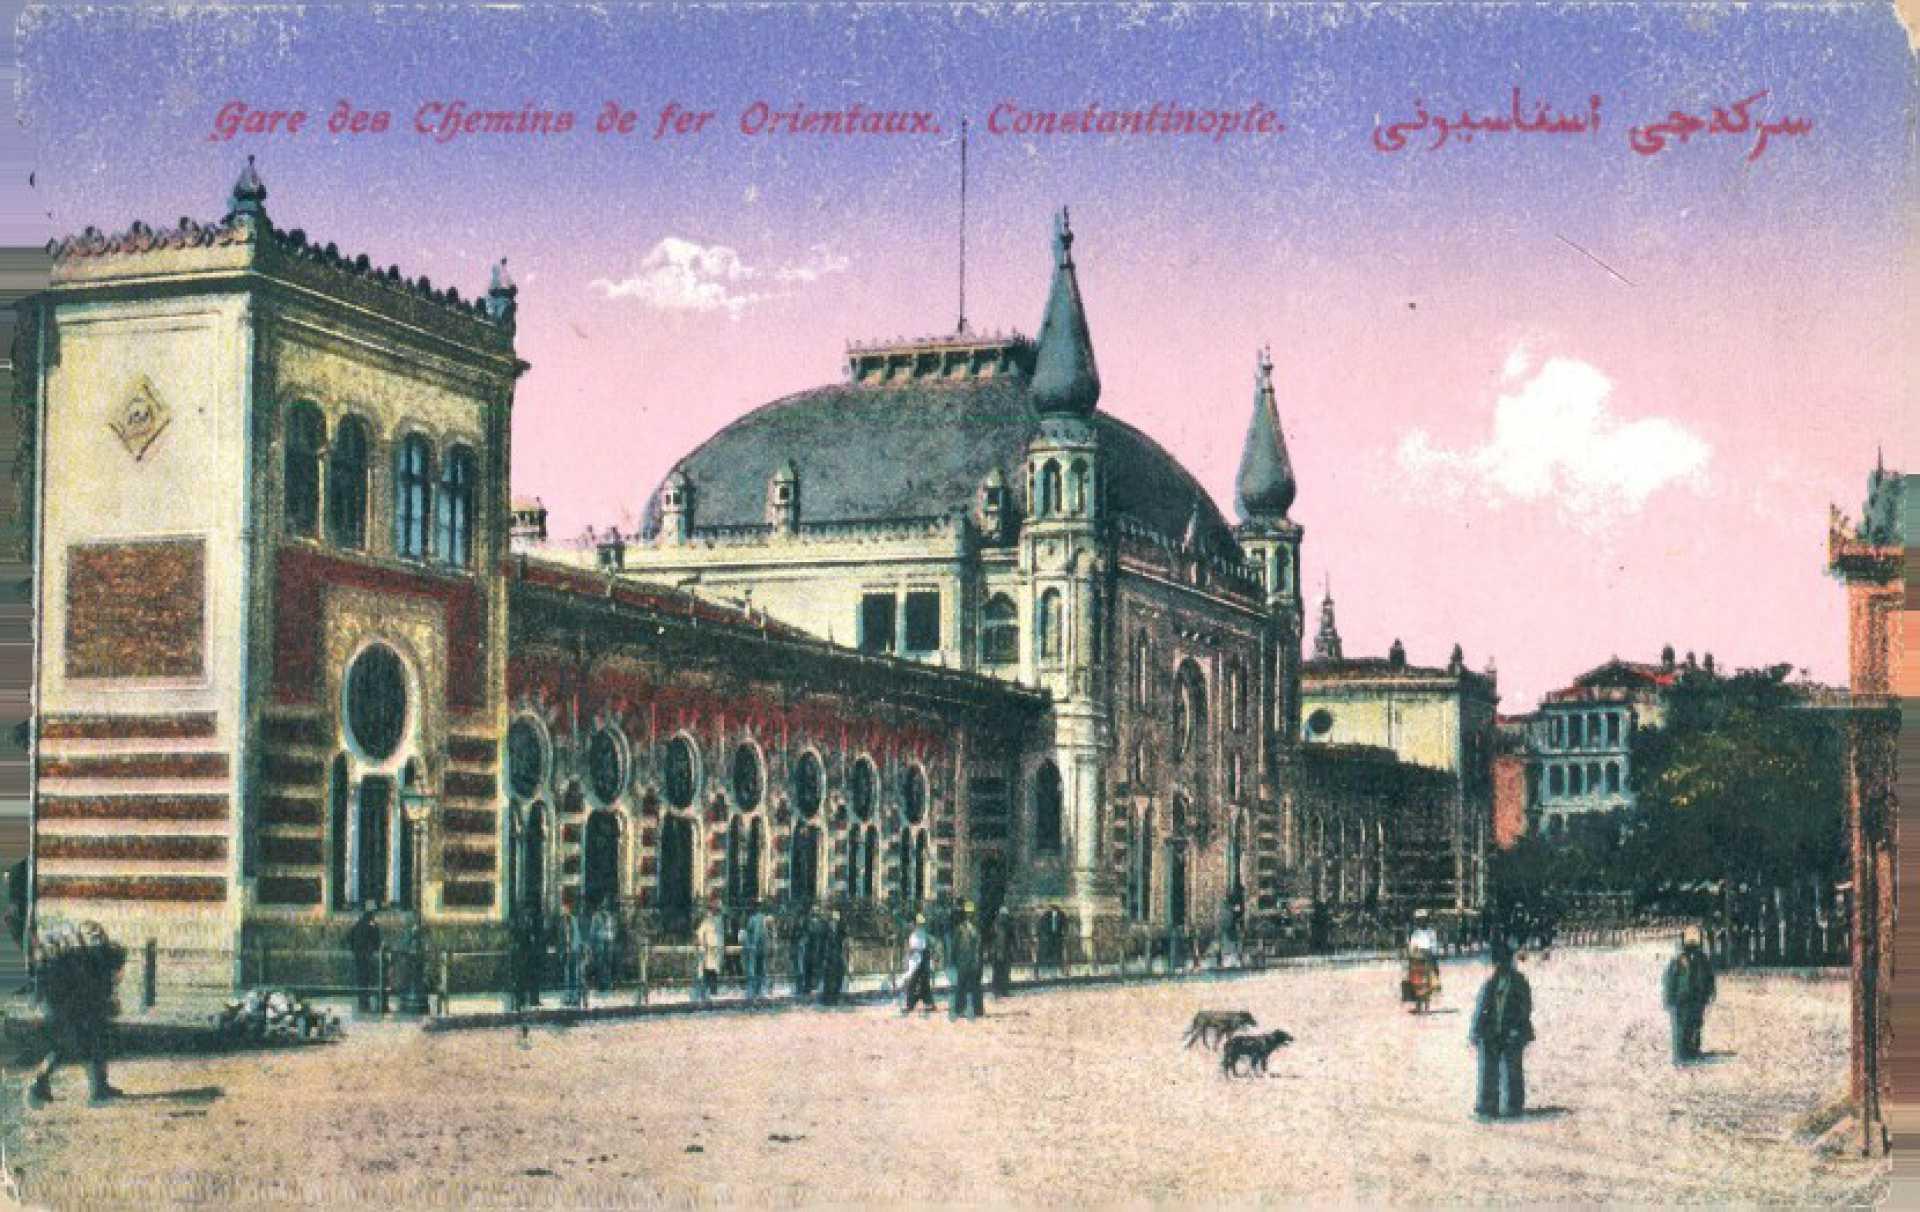 Gare des Chemins de fer Orientaux.